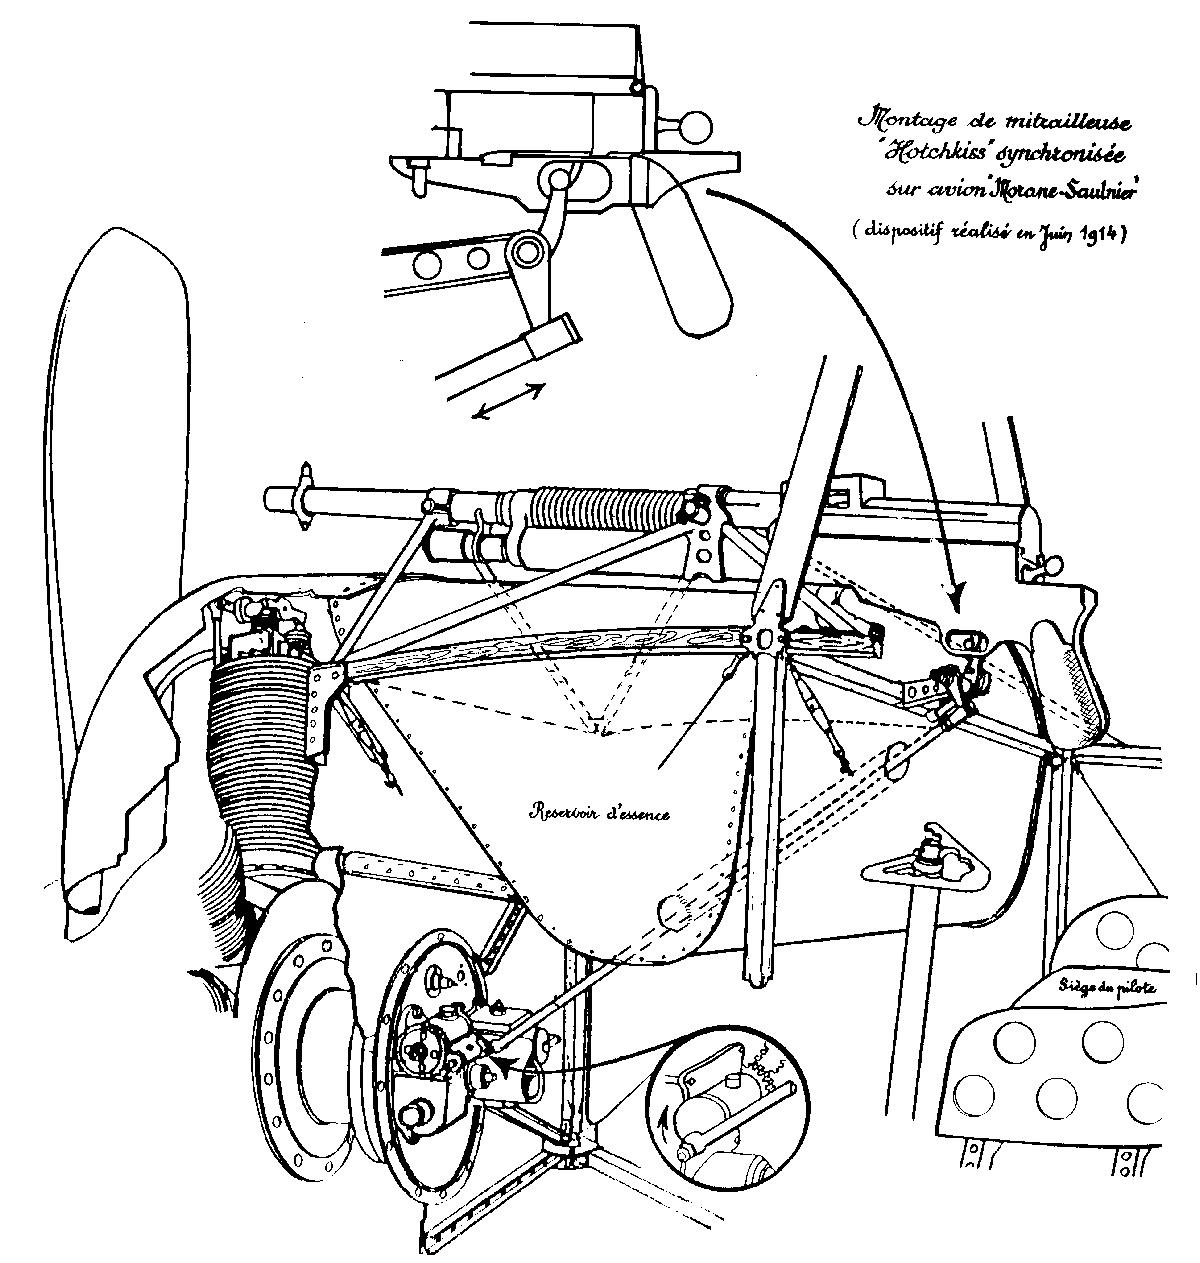 Saulnier Machine Gun Synchronisation Patent